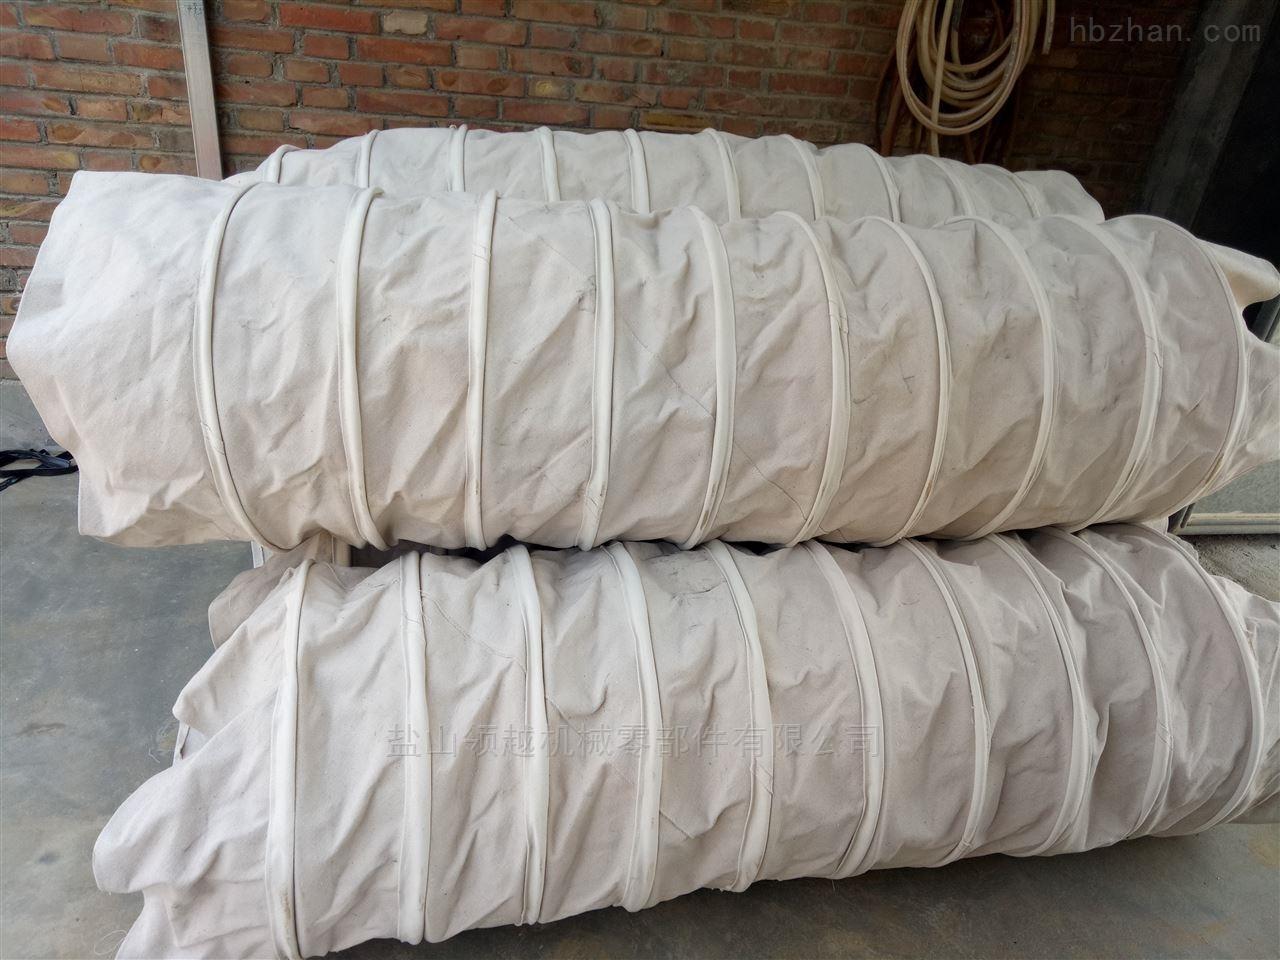 帆布伸缩布袋水泥厂电厂专用